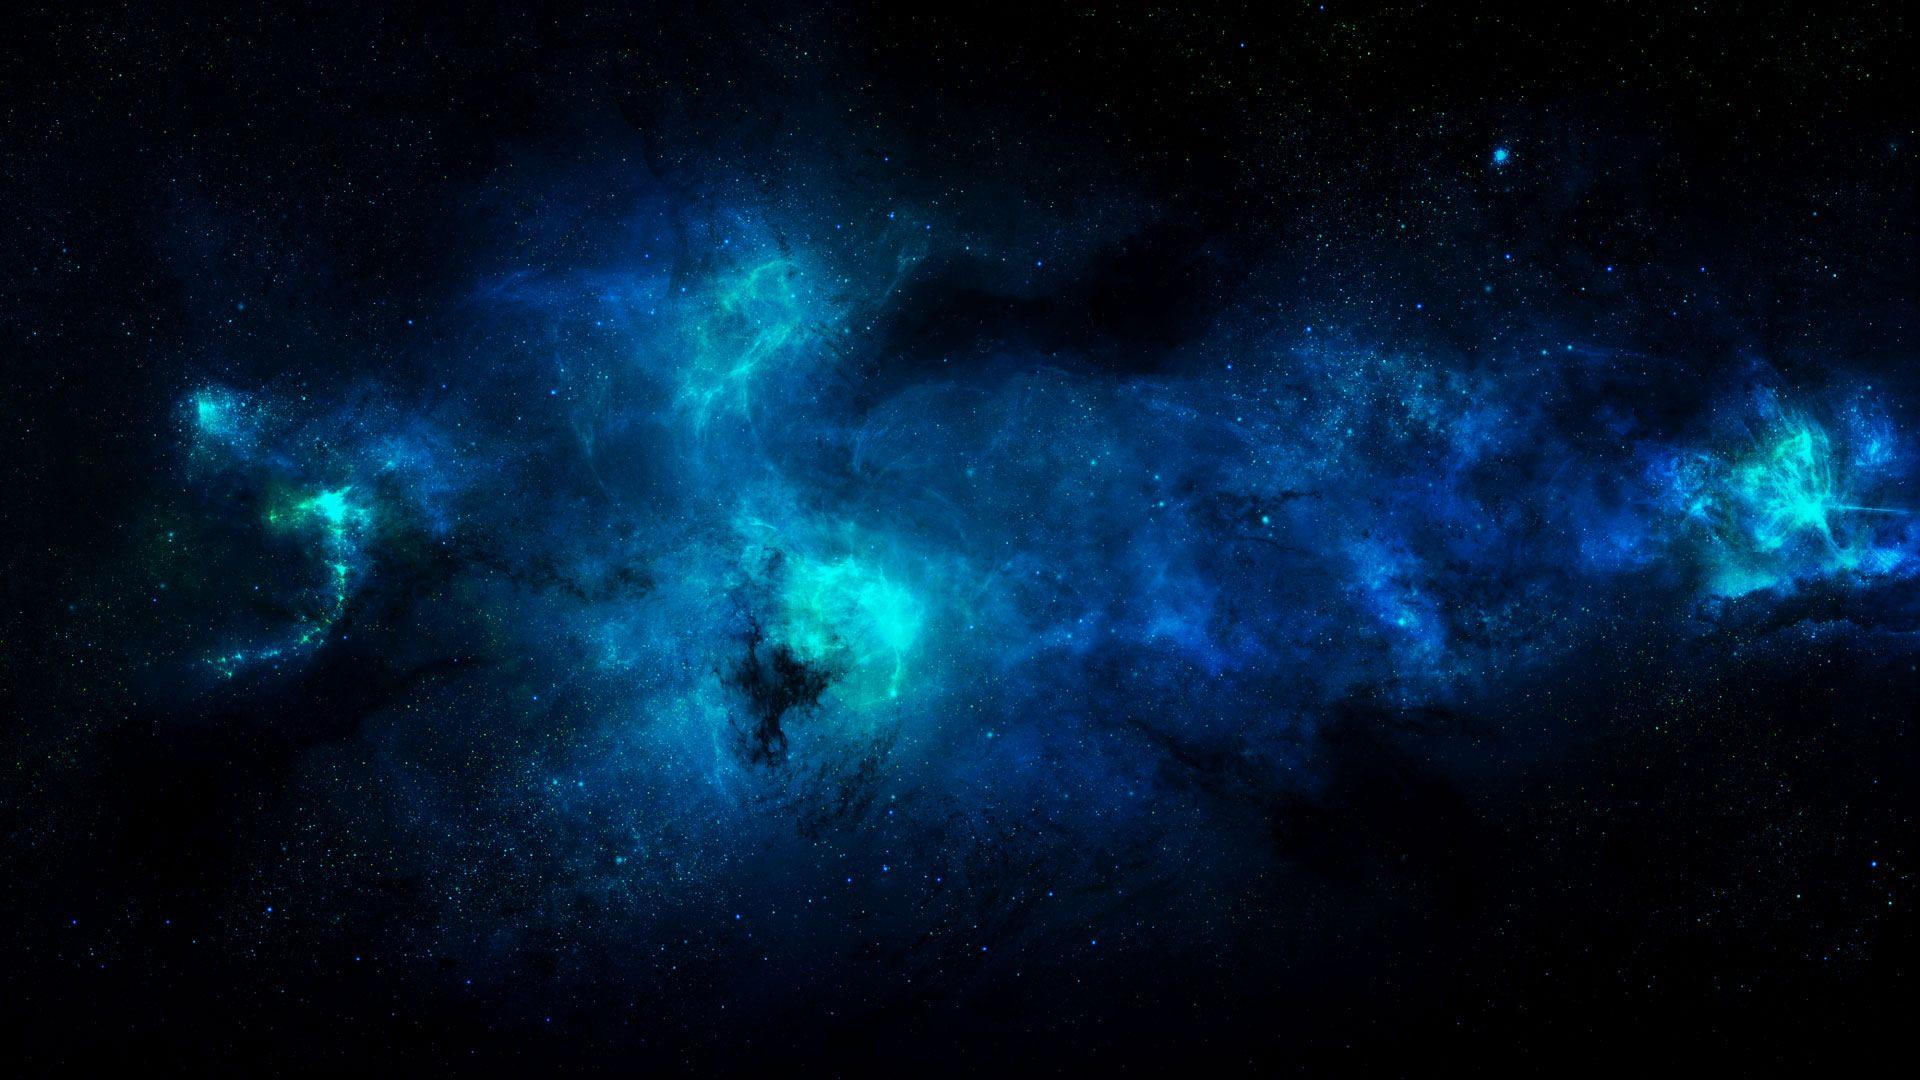 1080p Nebula Image Blue Galaxy Wallpaper Nebula Wallpaper Galaxy Wallpaper Hd wallpaper stars space light nebula